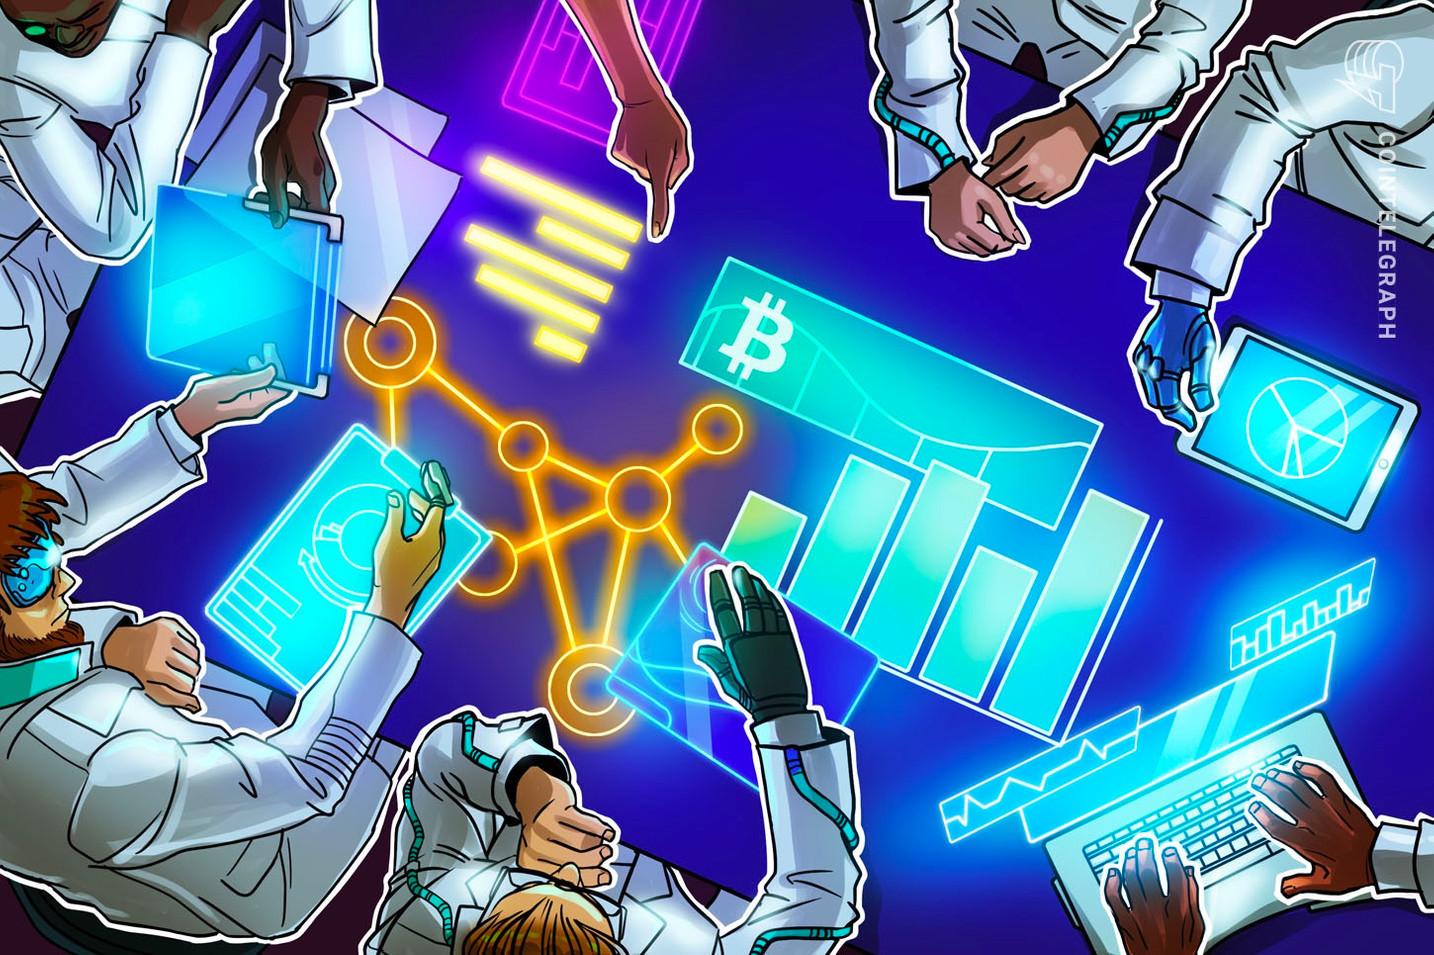 Fundo de hedge baseado em IA lança plataforma aberta sobre dados financeiros mundiais